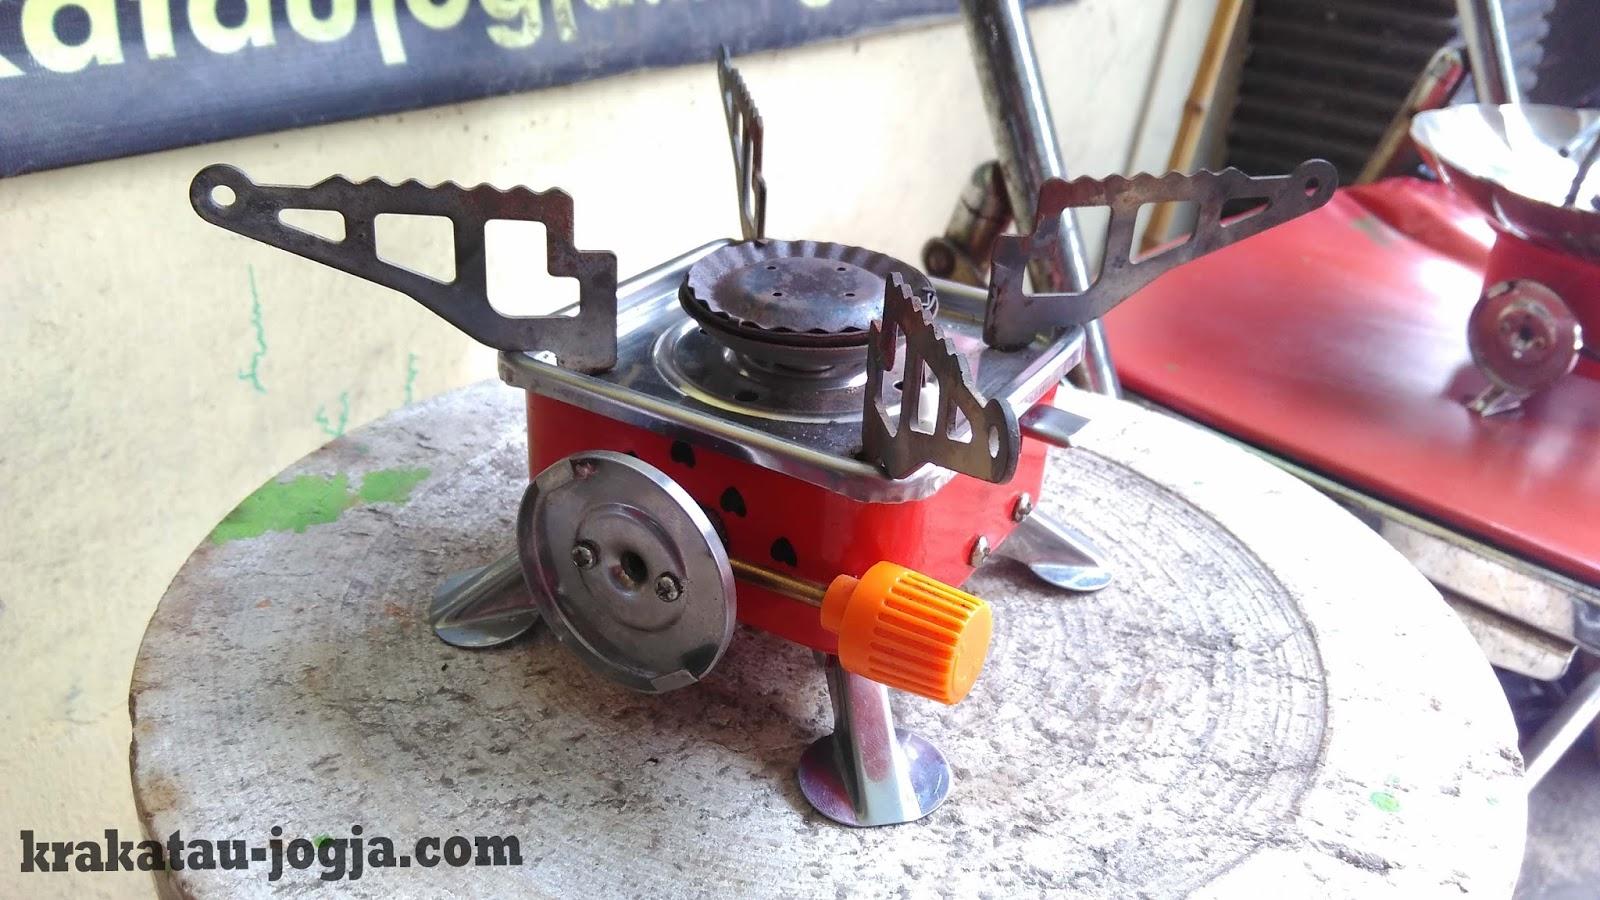 Kompor Mini Portable Image